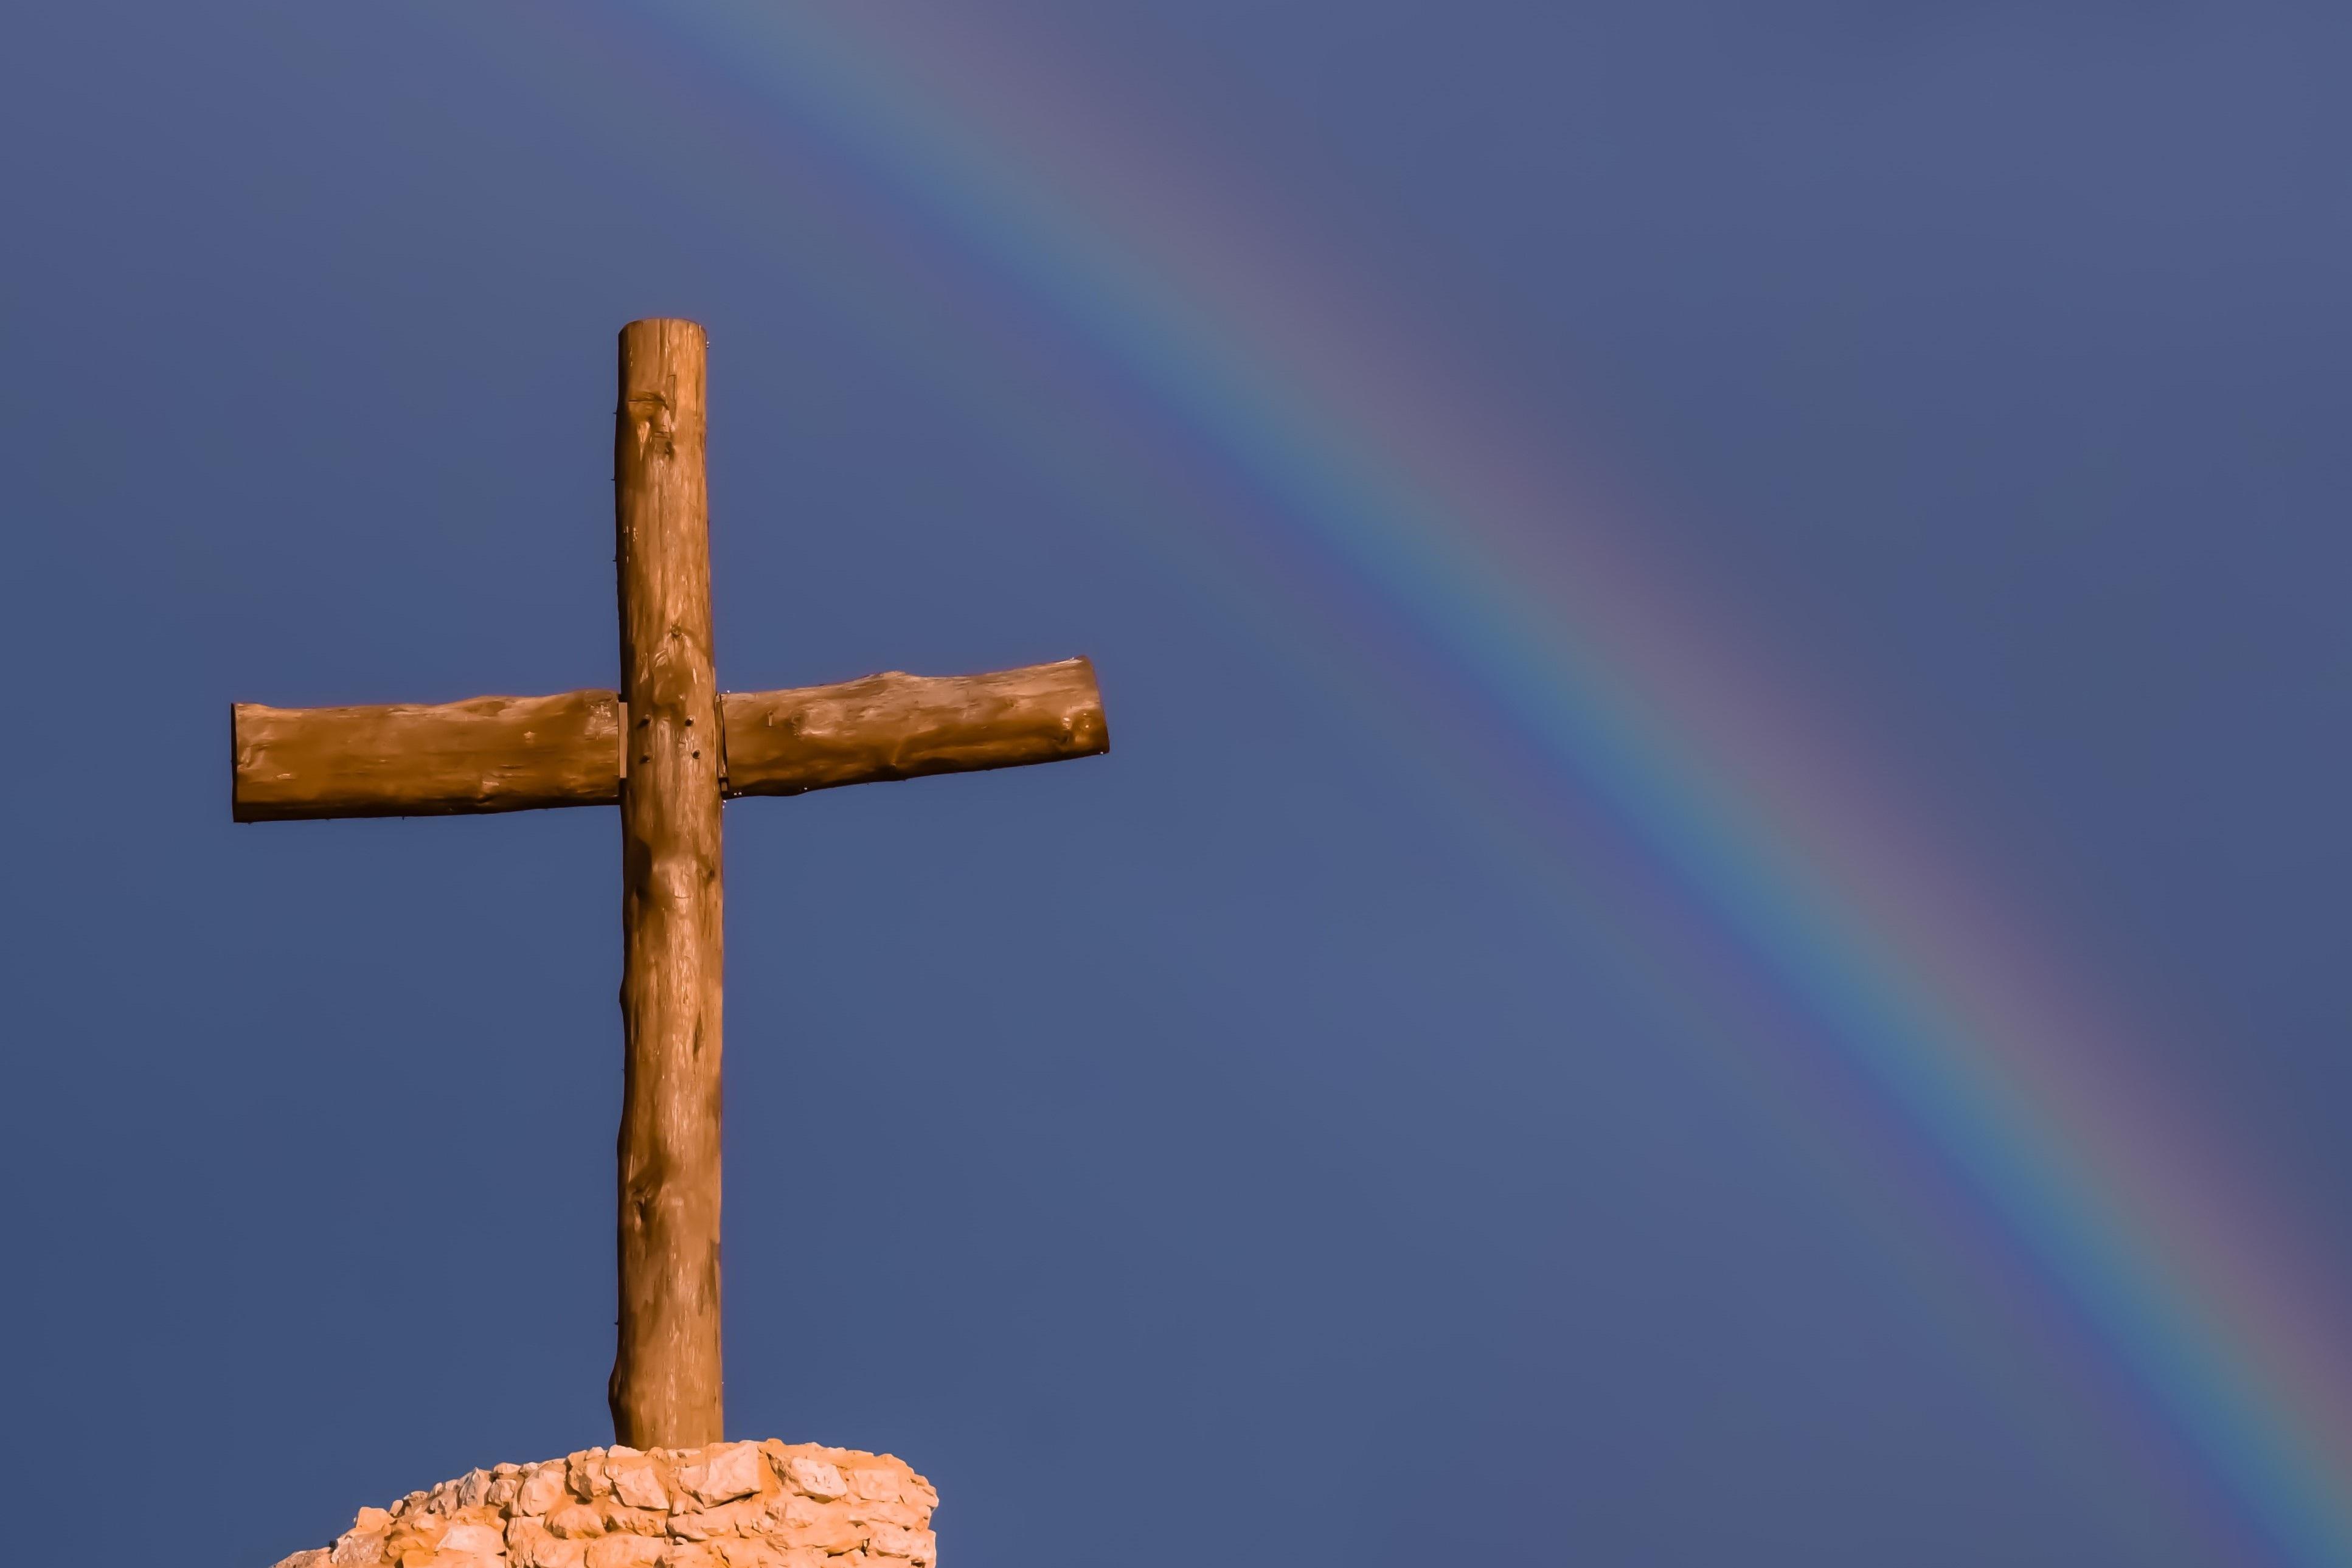 cloud-sky-atmosphere-symbol-religion-cross-1377339-pxhere.com